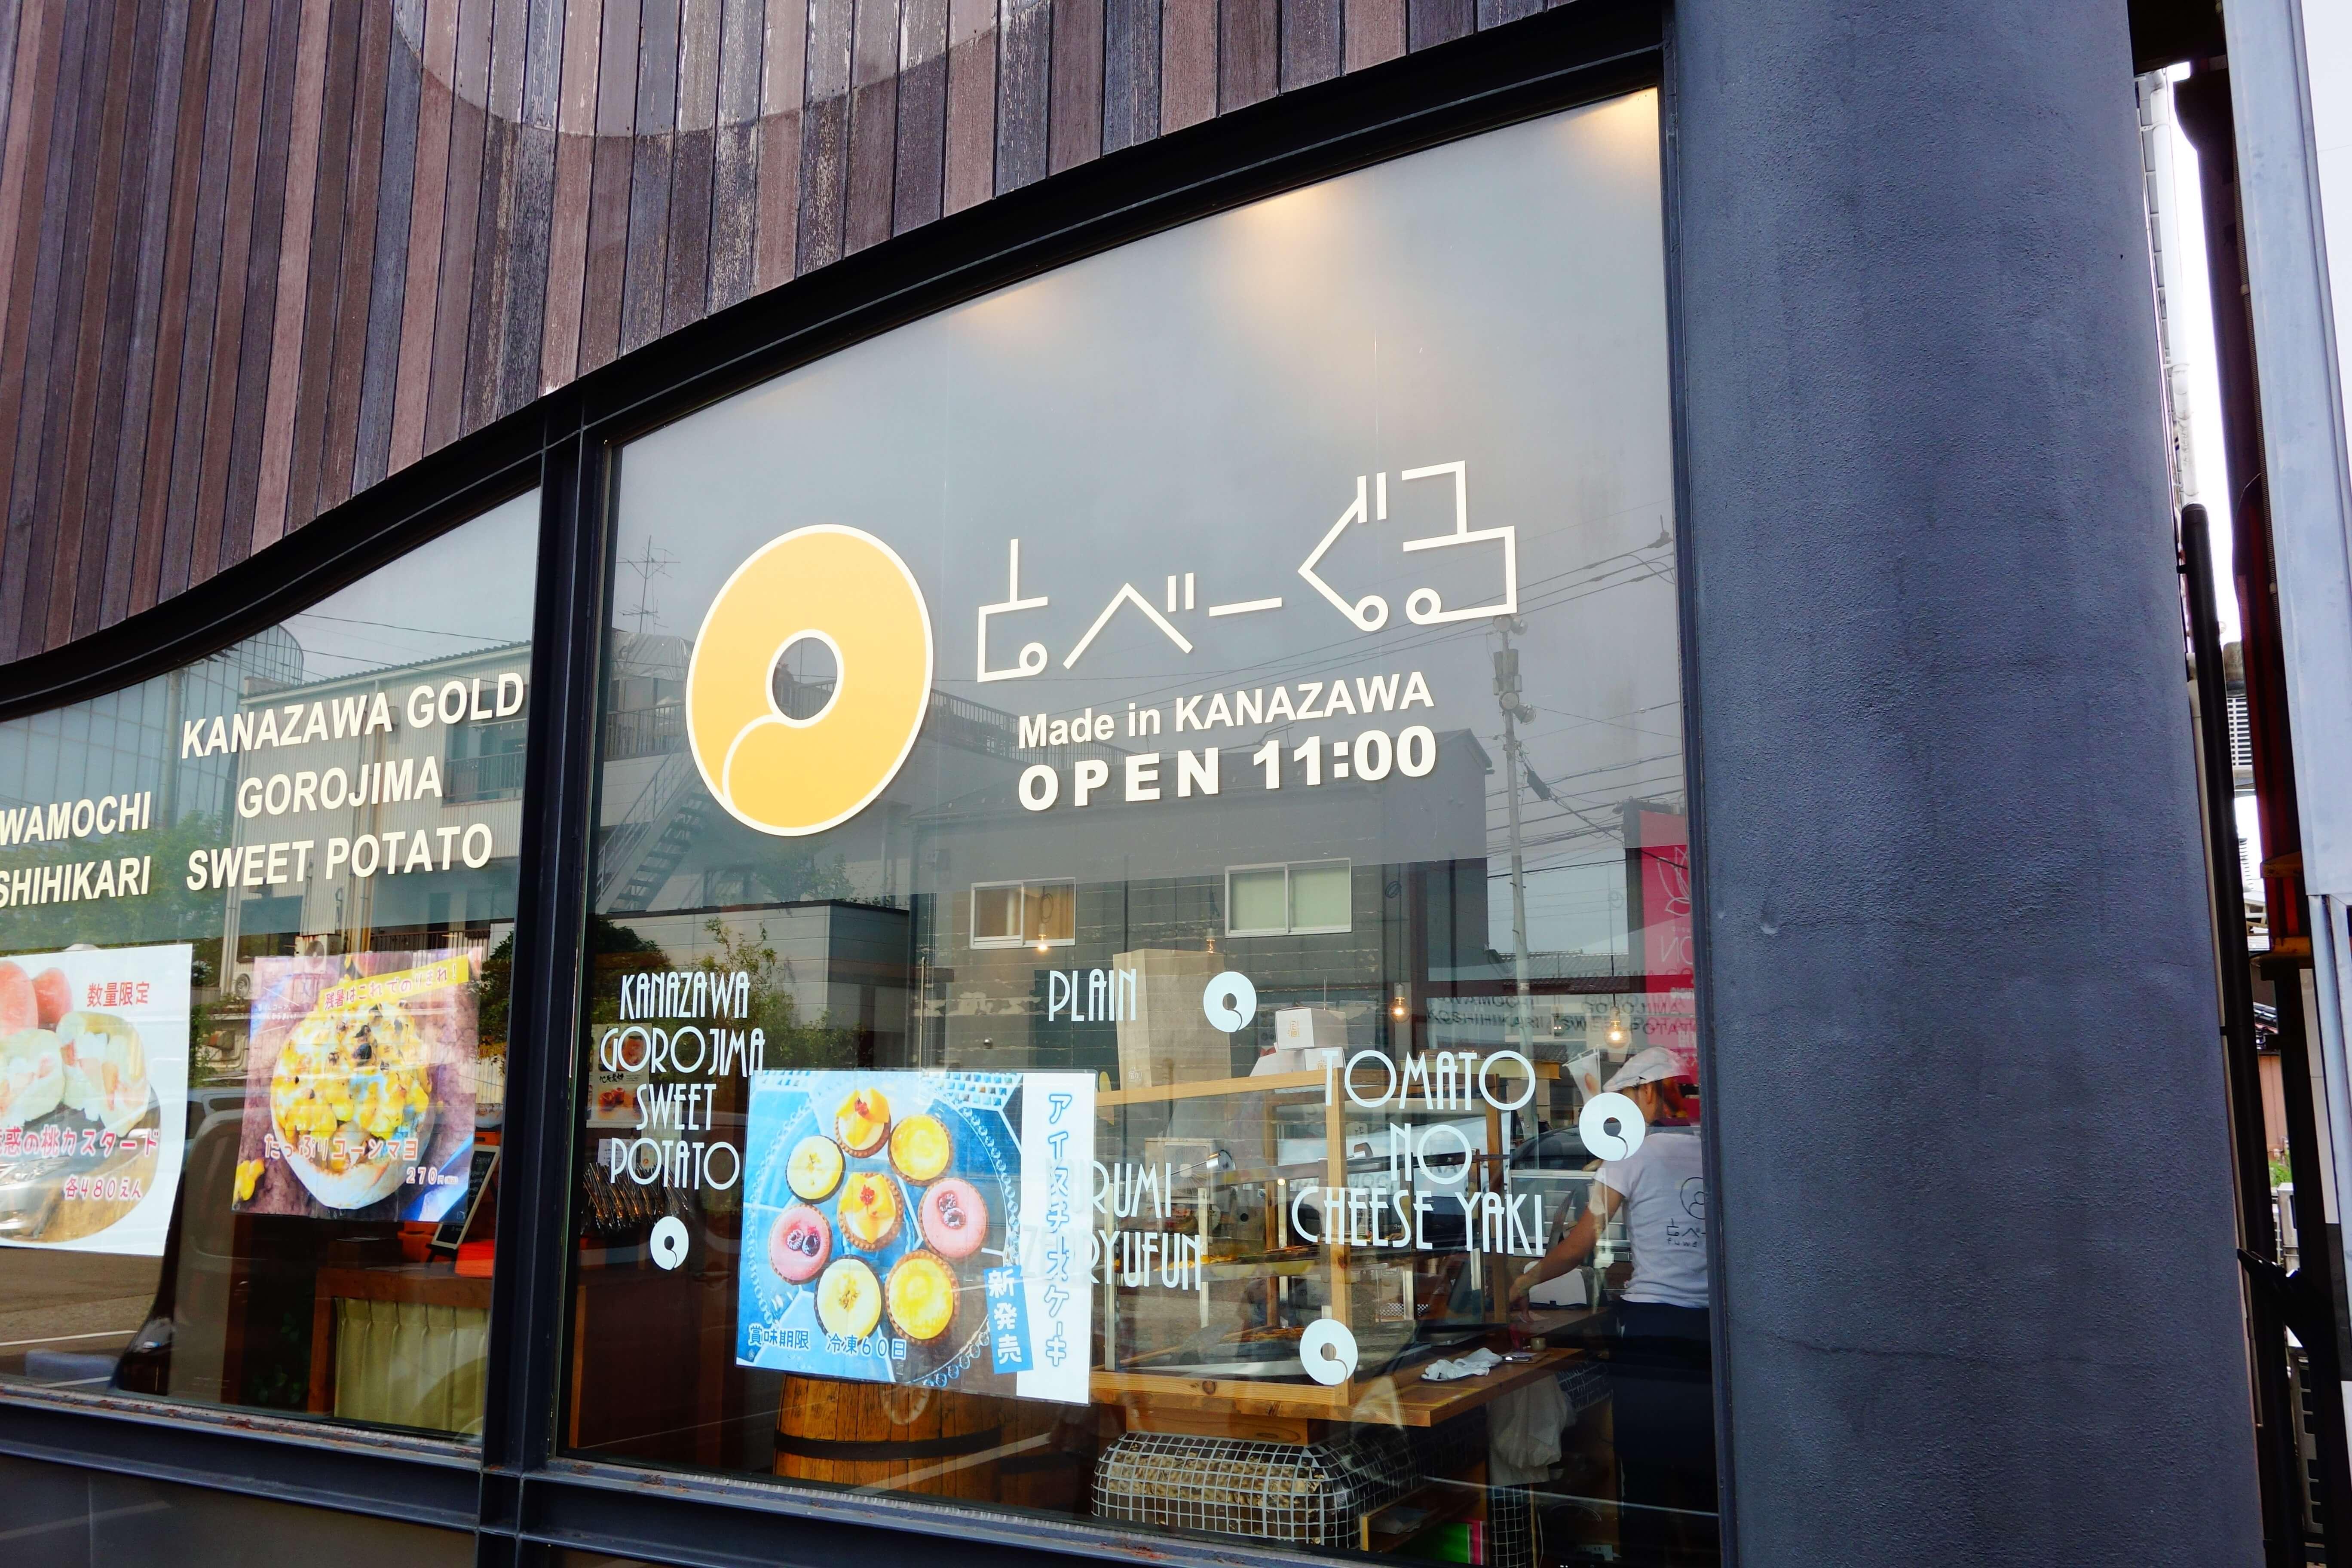 とべーぐる|金沢市にある焼きたてベーグルのふわっ!もちっ!食感が超絶オススメなお店